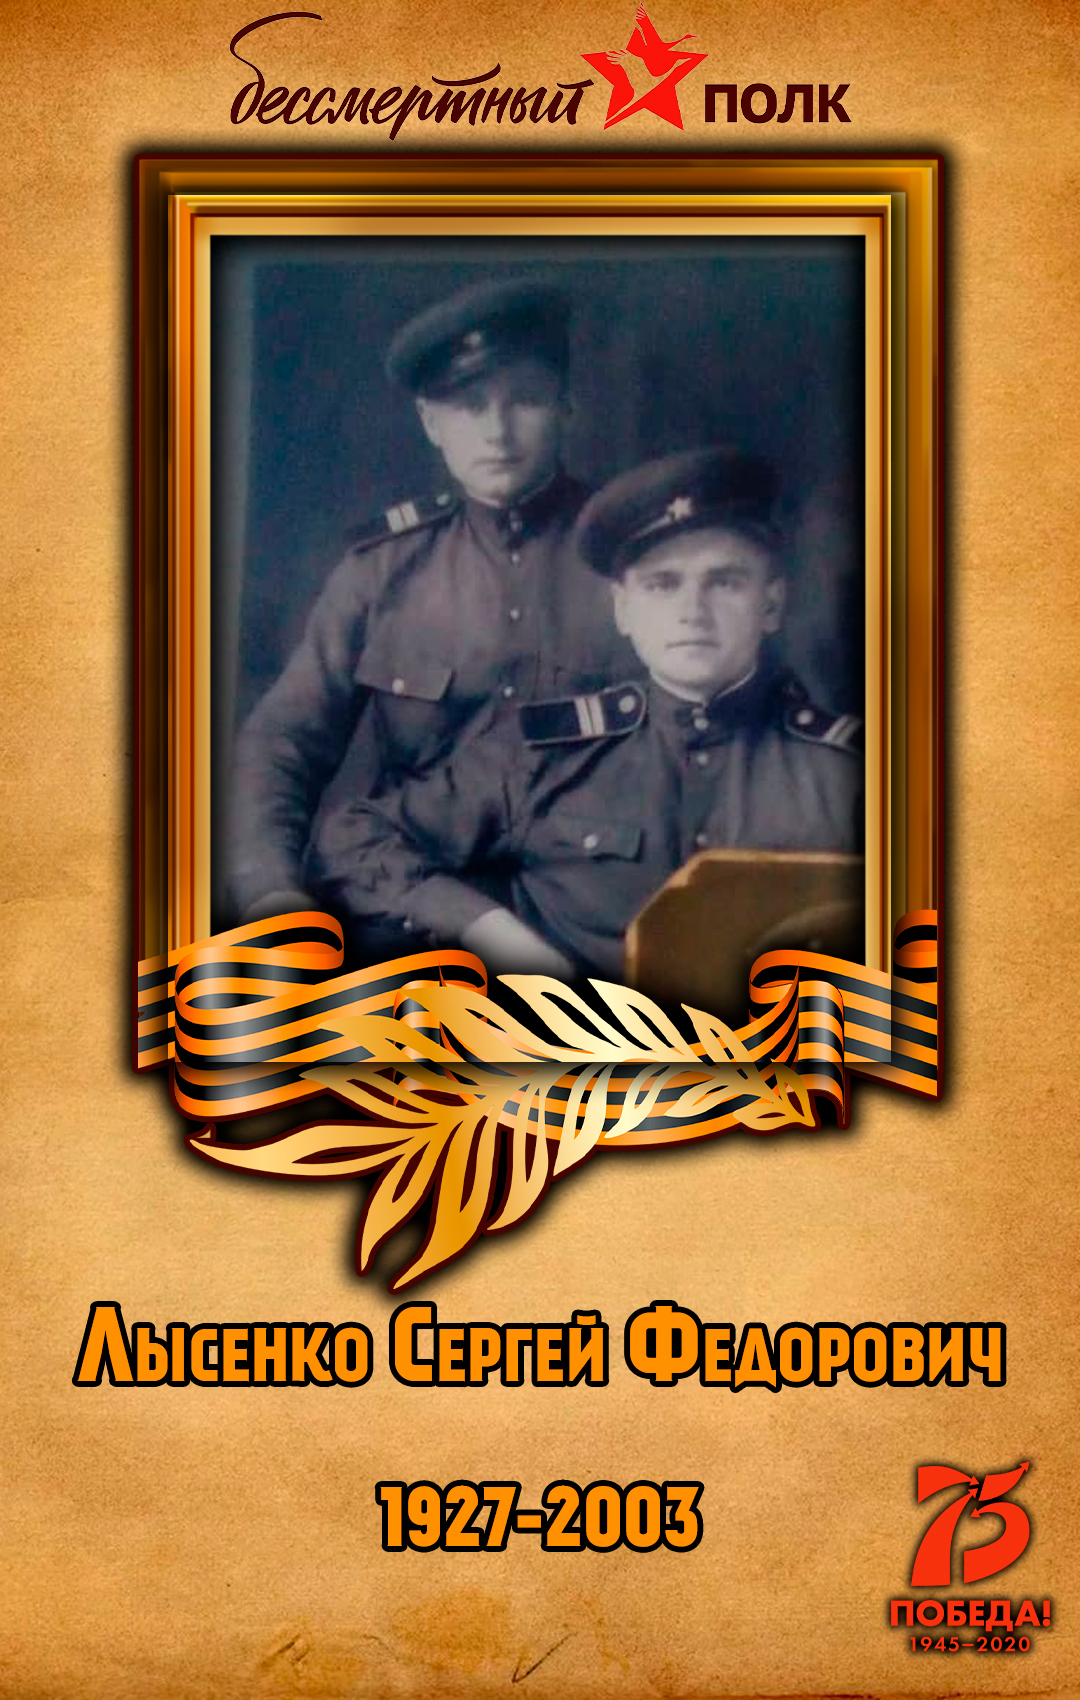 Лысенко-Сергей-Федорович